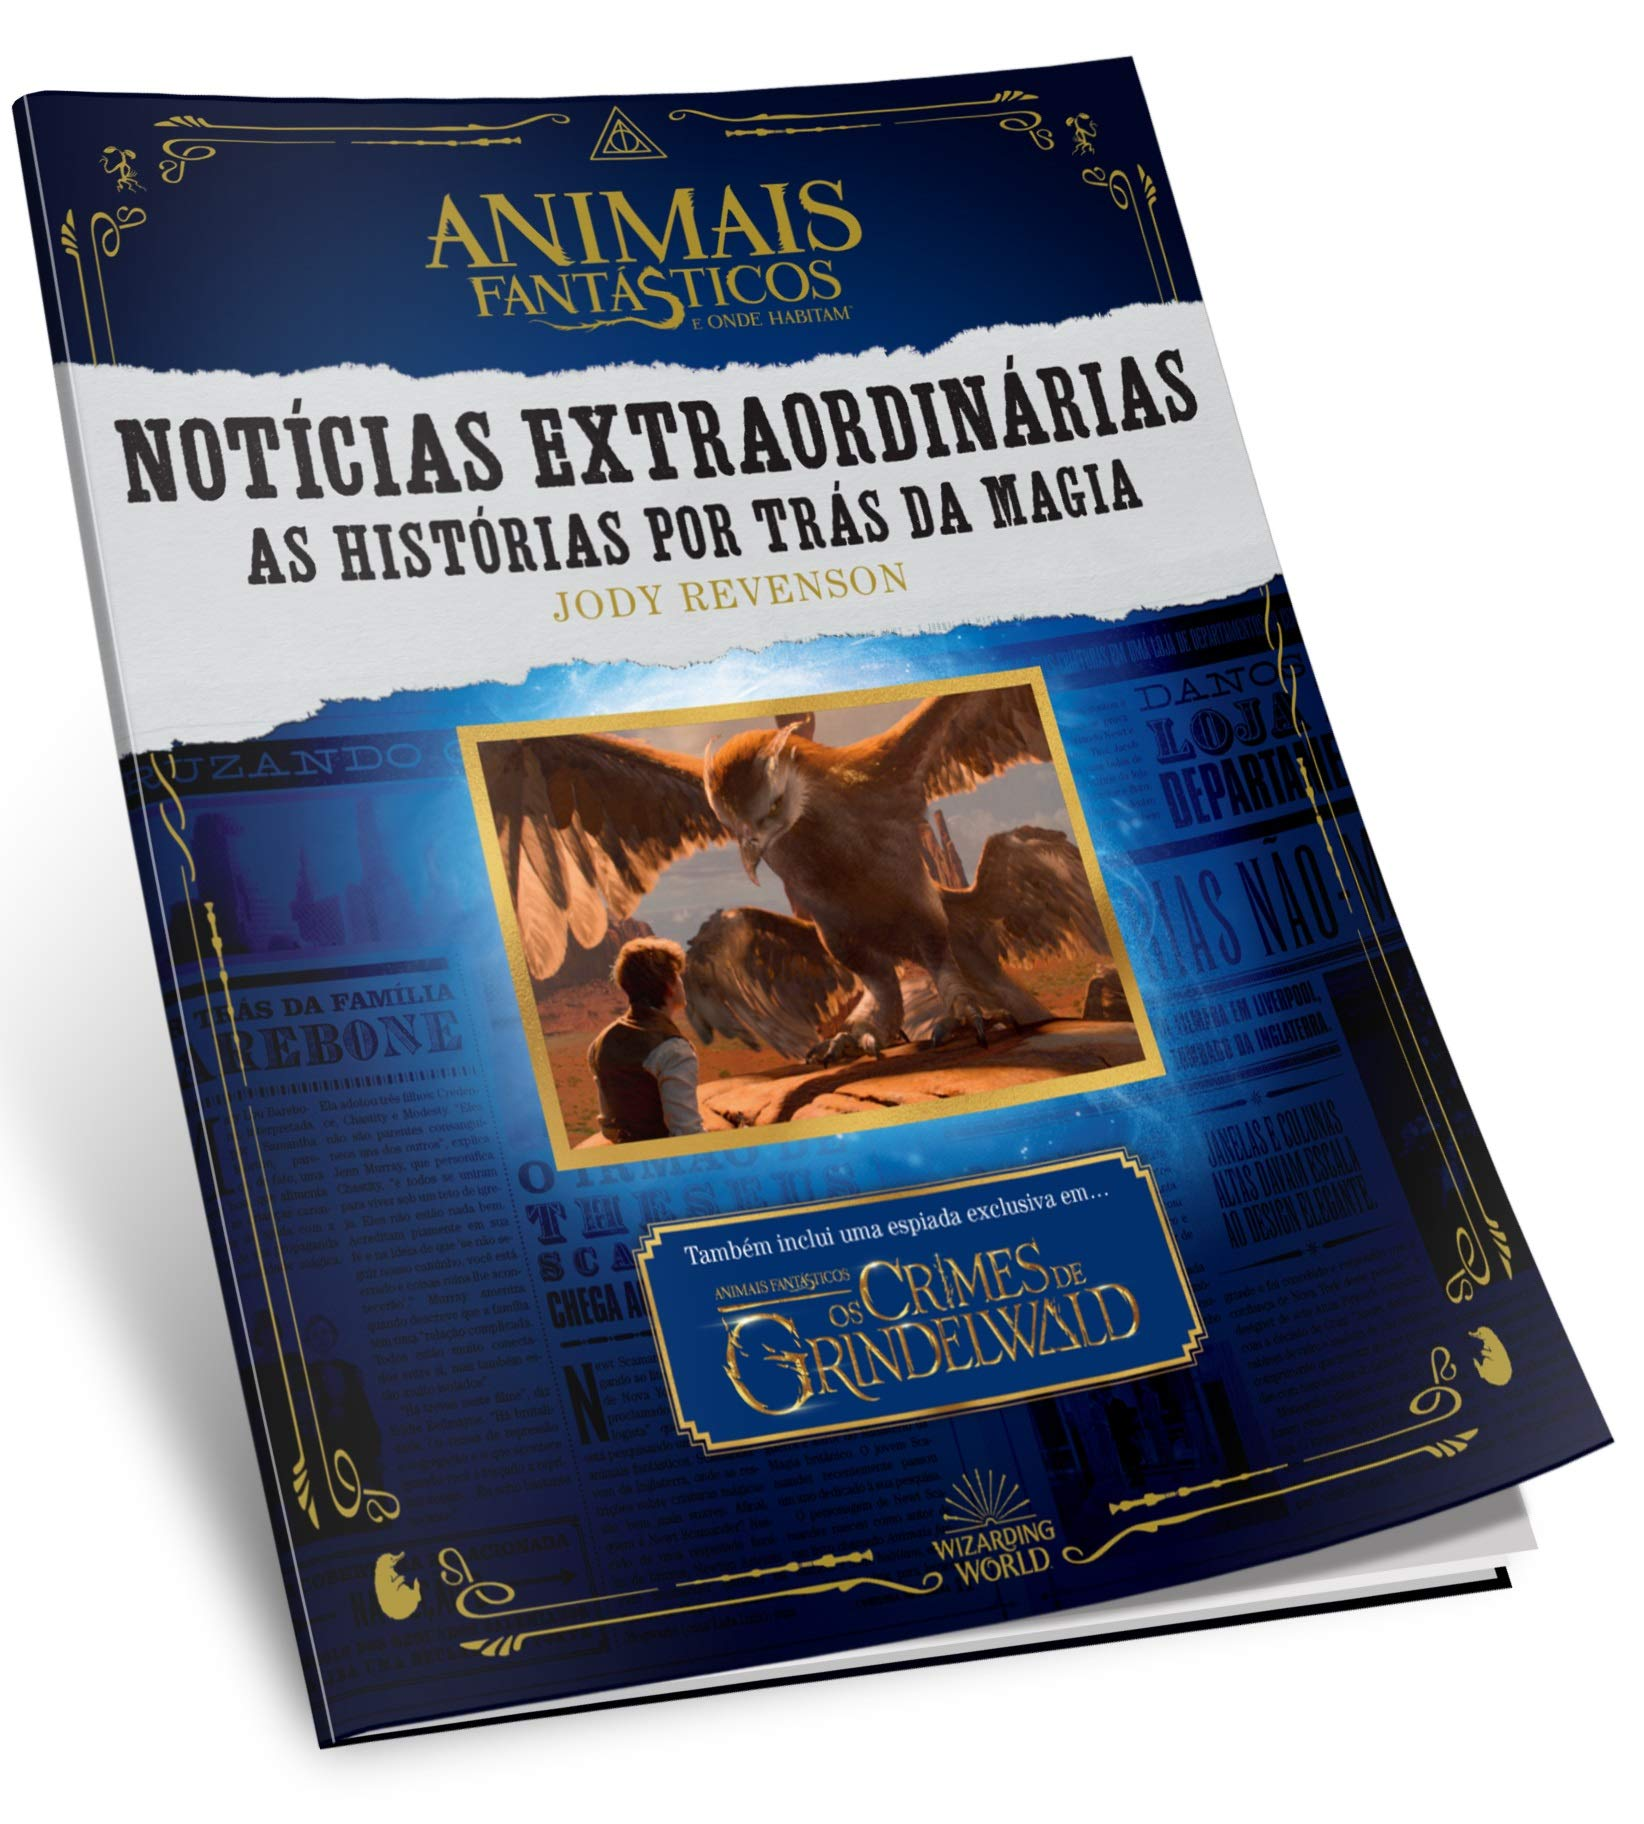 Animais Fantásticos e Onde Habitam: Notícias Extraordinárias – As Histórias por Trás da Magia